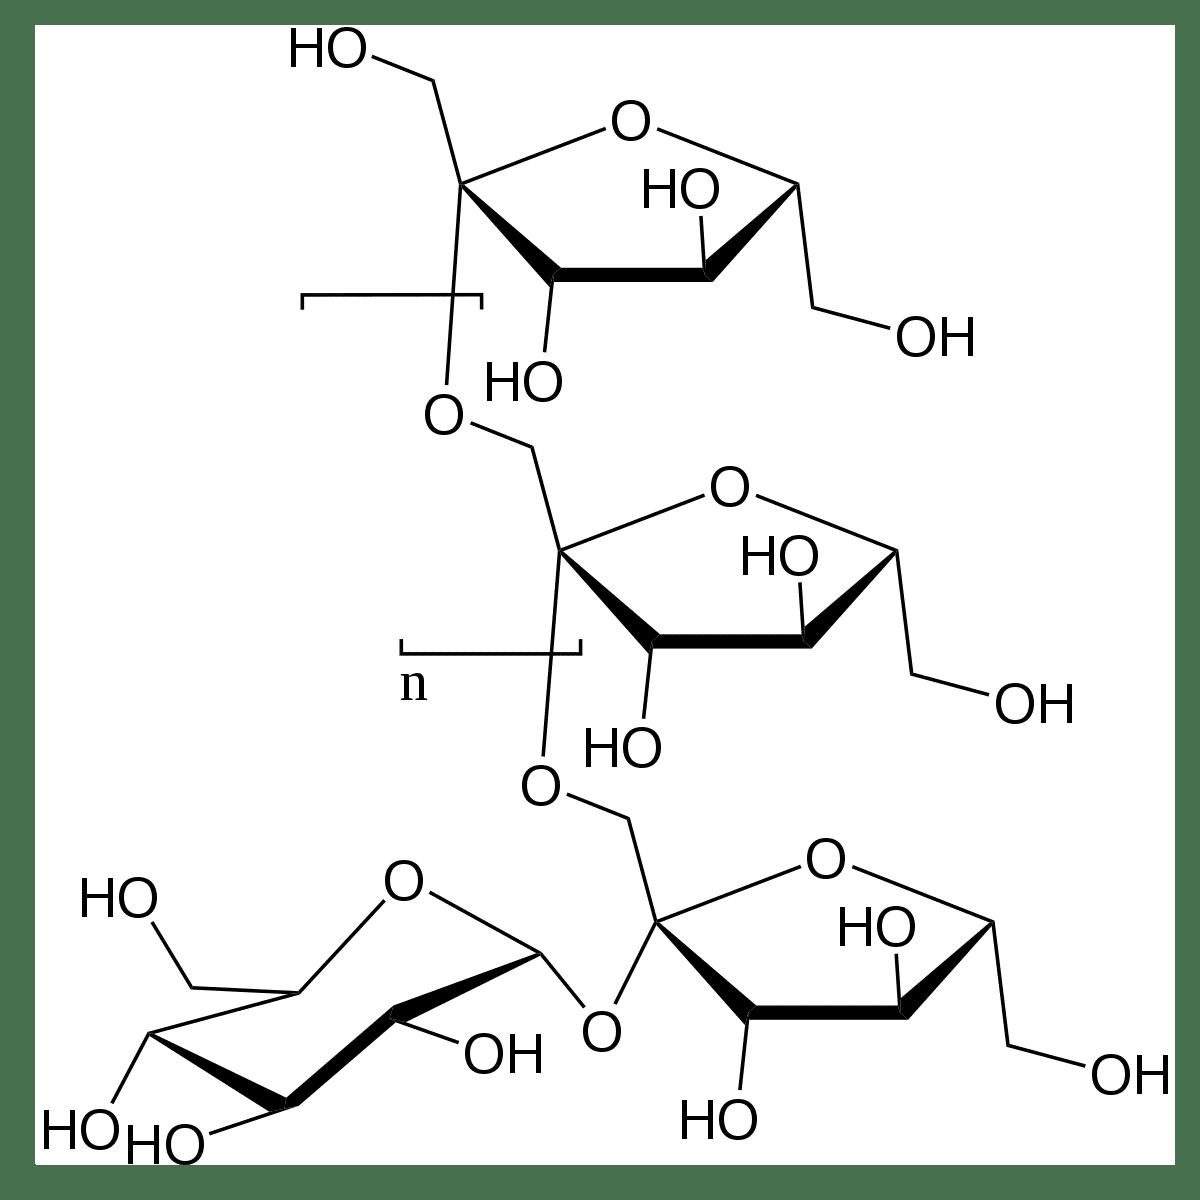 cadenas de hidratos de carbono